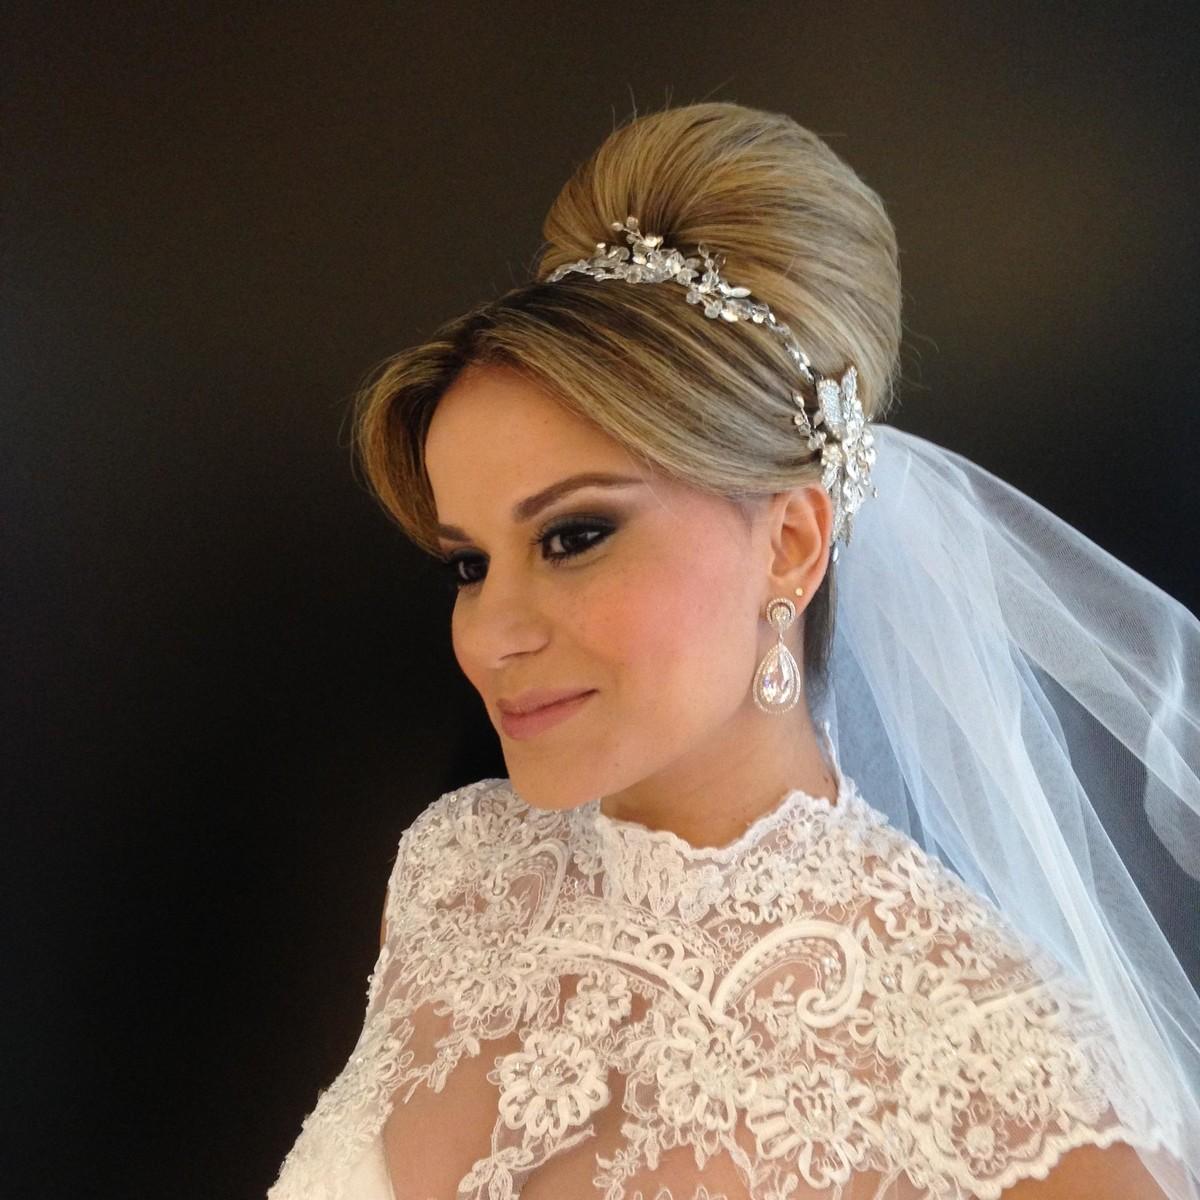 Penteado Diego Queiroz | Make up Lili Ferraz